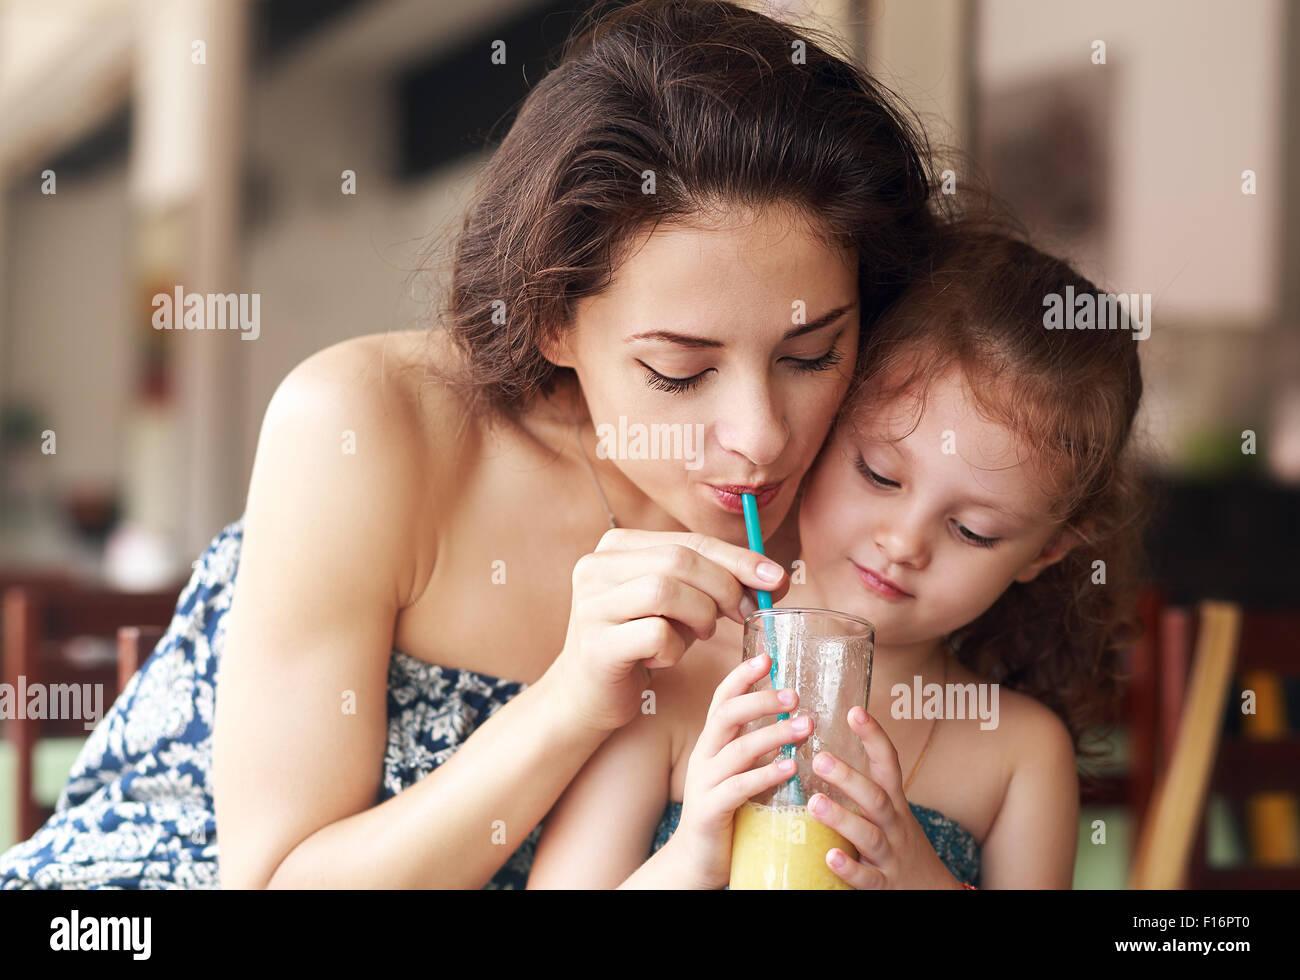 Familia Feliz beber zumo de naranja y café joying juntos en zonas urbanas. Closeup retrato emoción natural Imagen De Stock